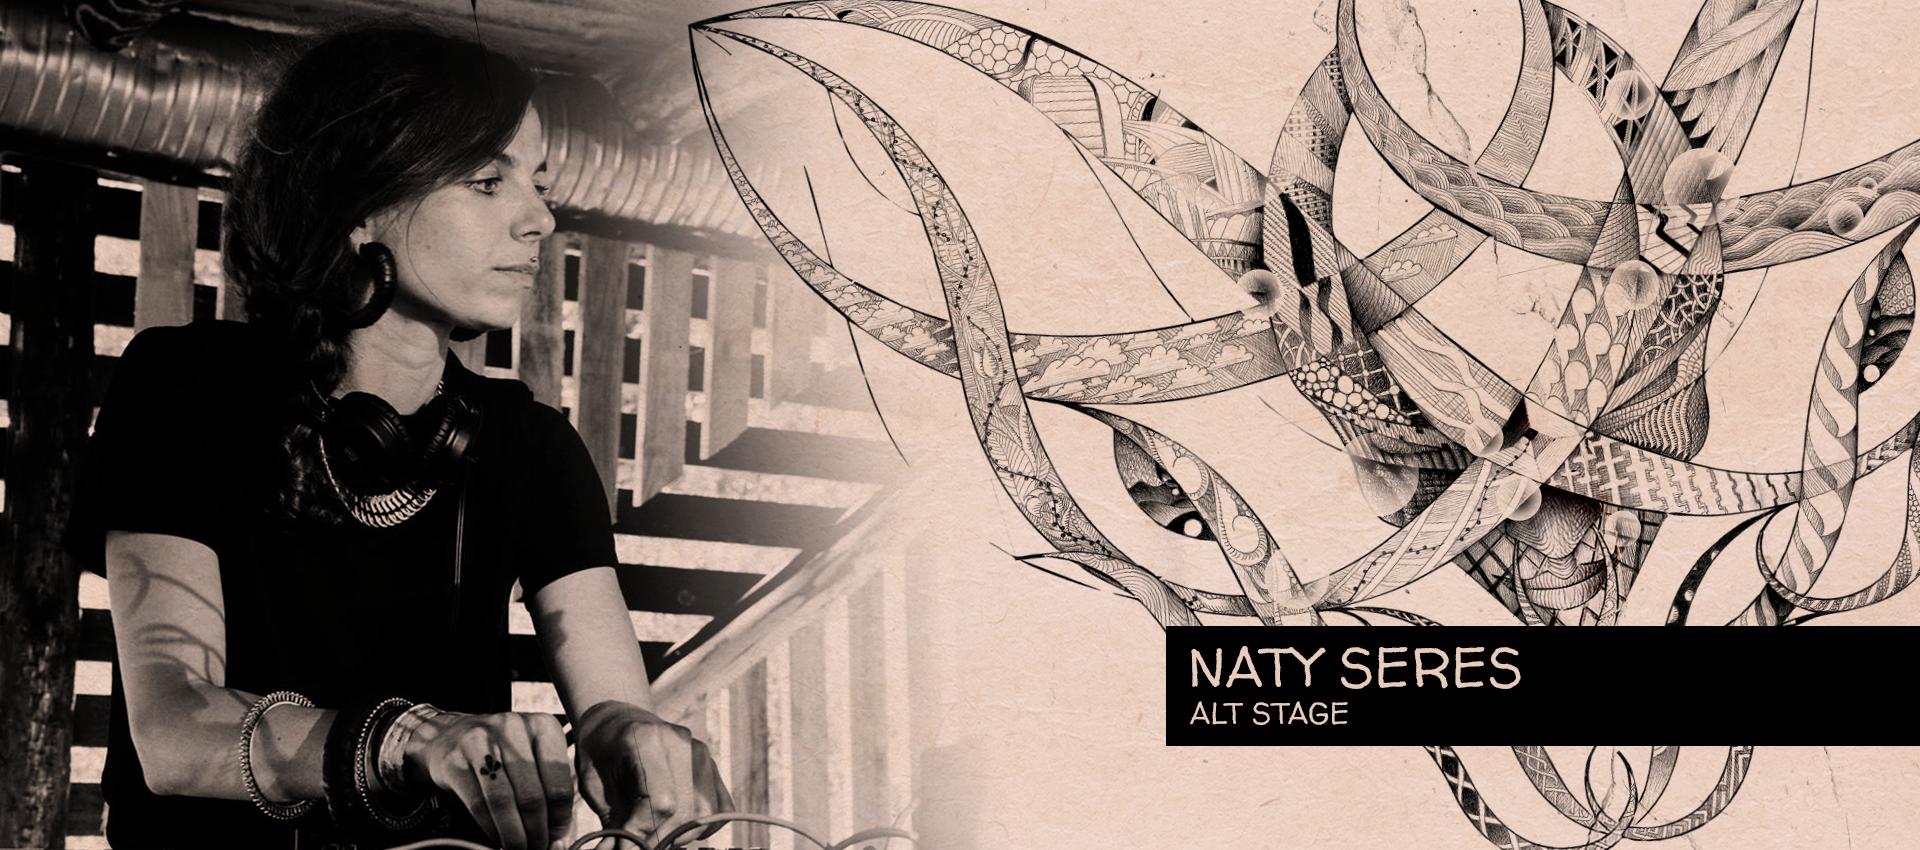 Naty Seres